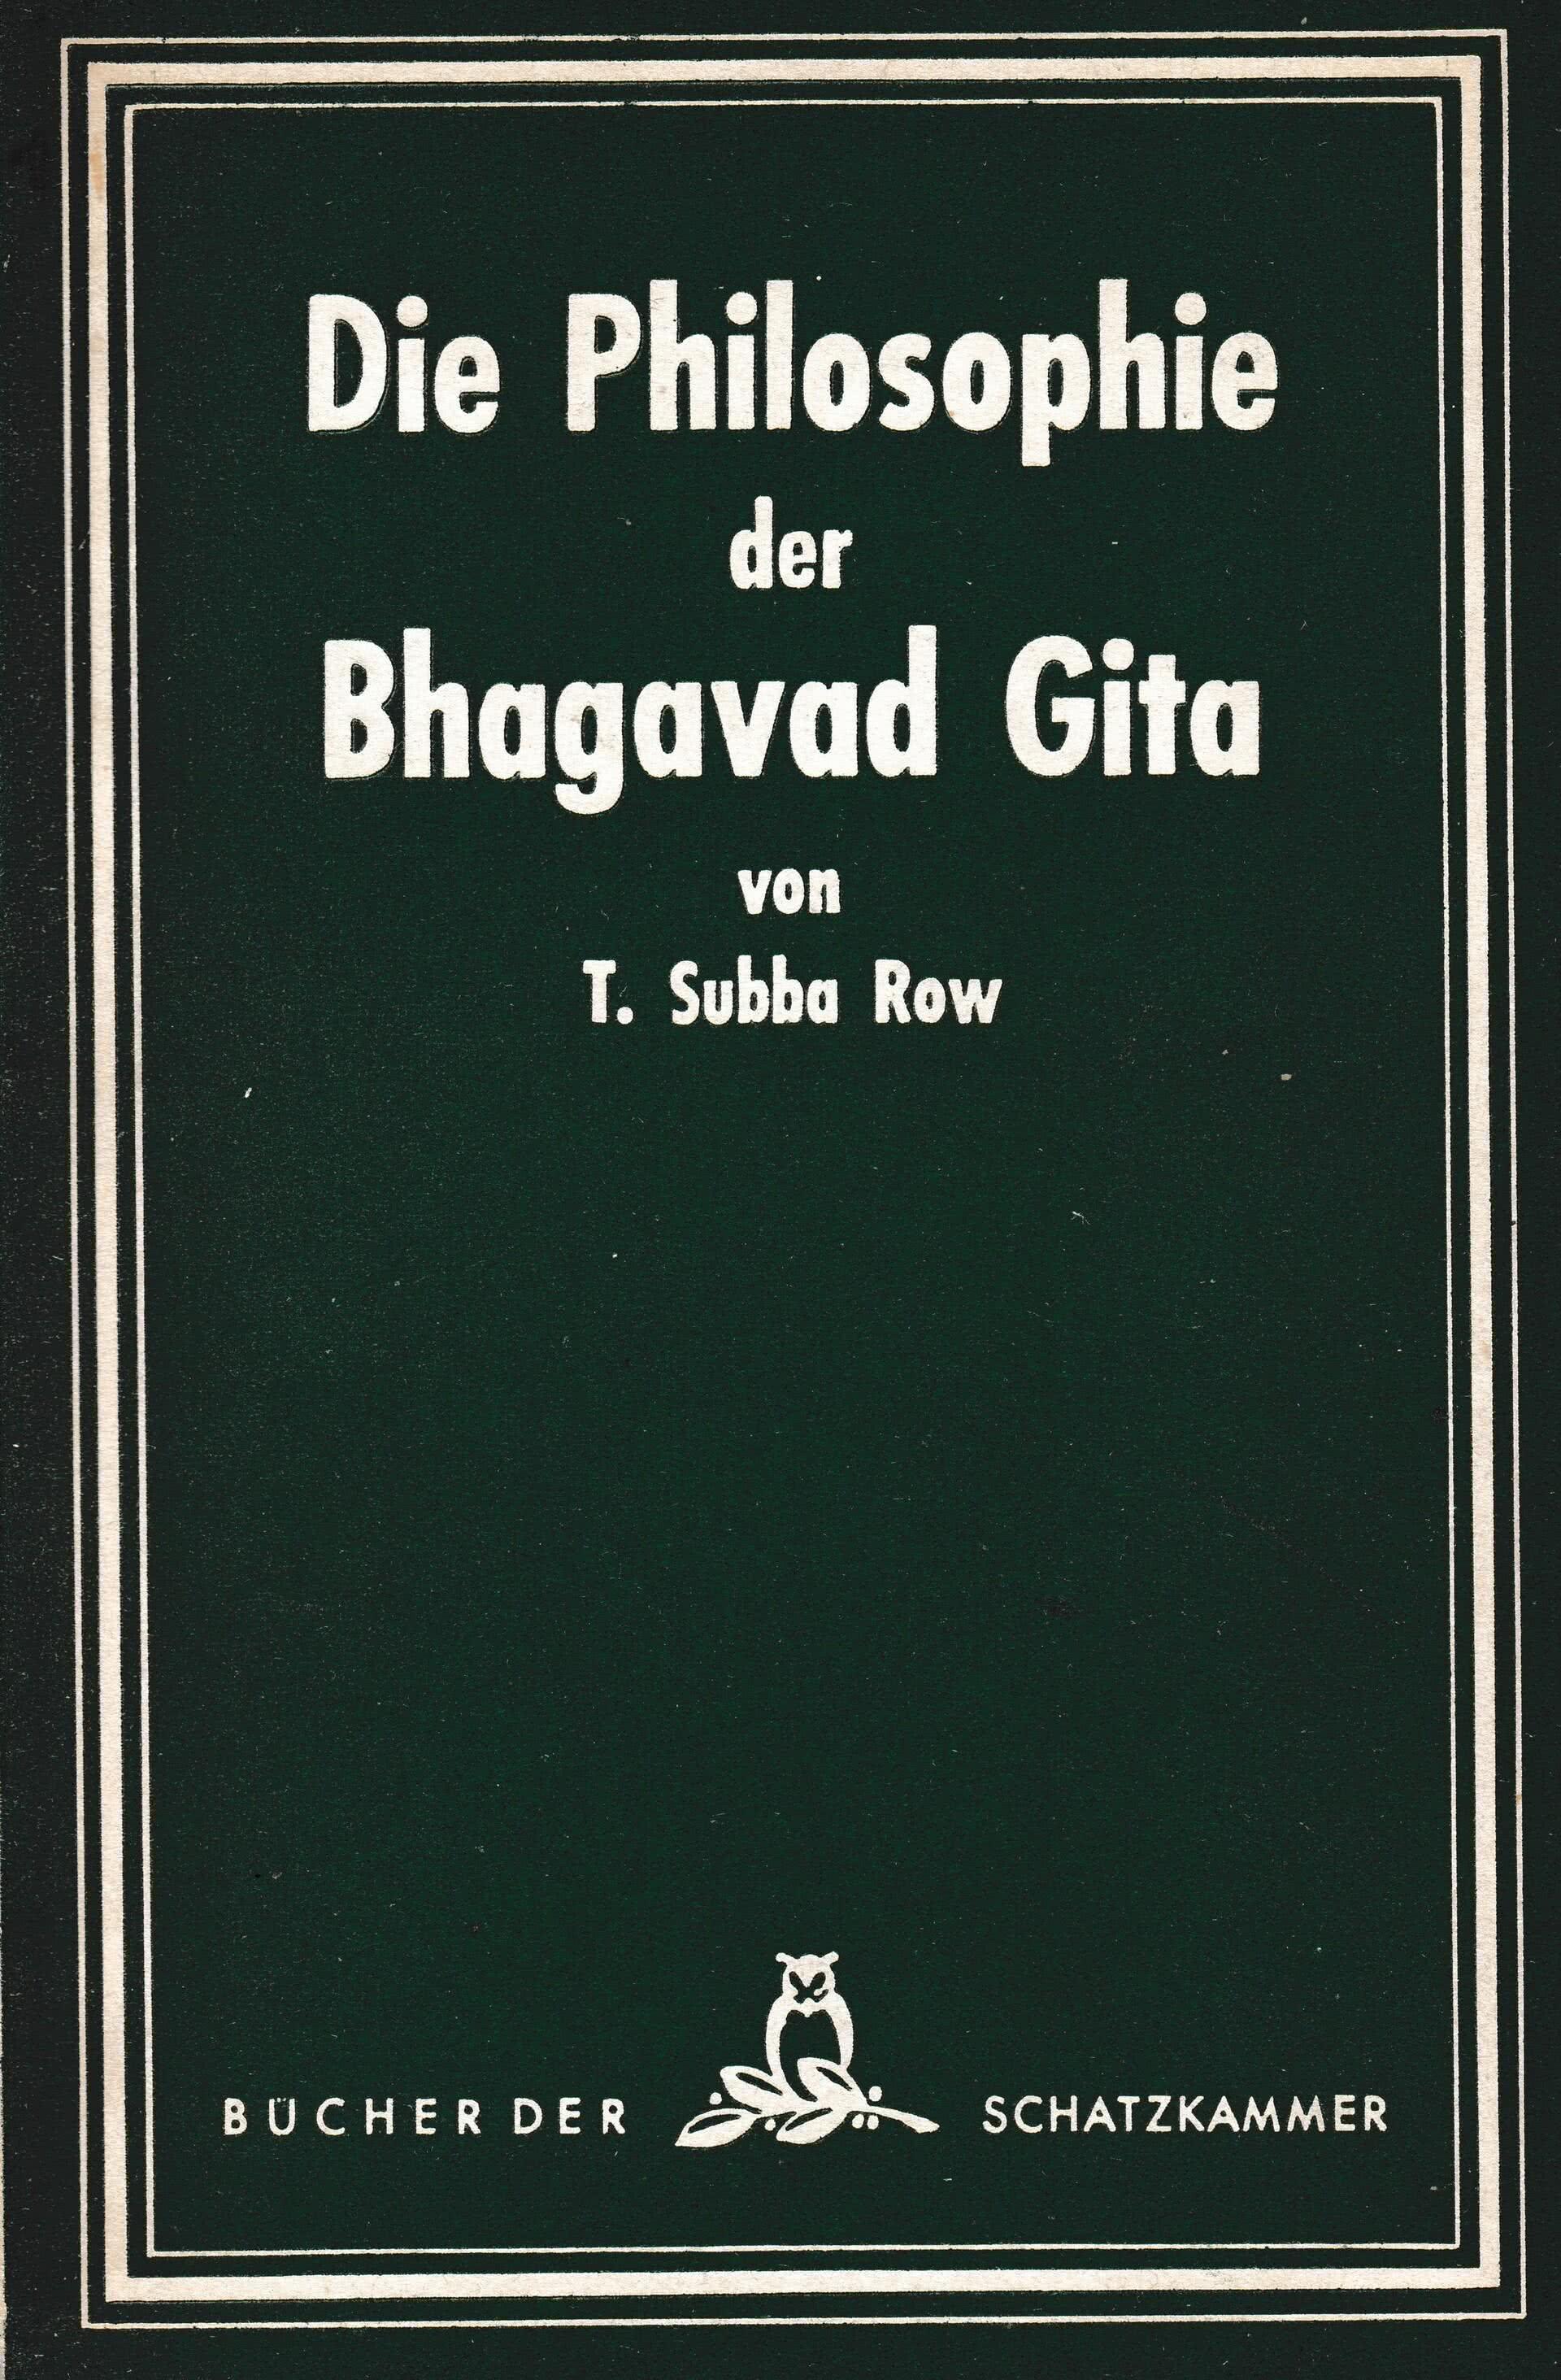 Die Philosophie der Bhagavad Gita